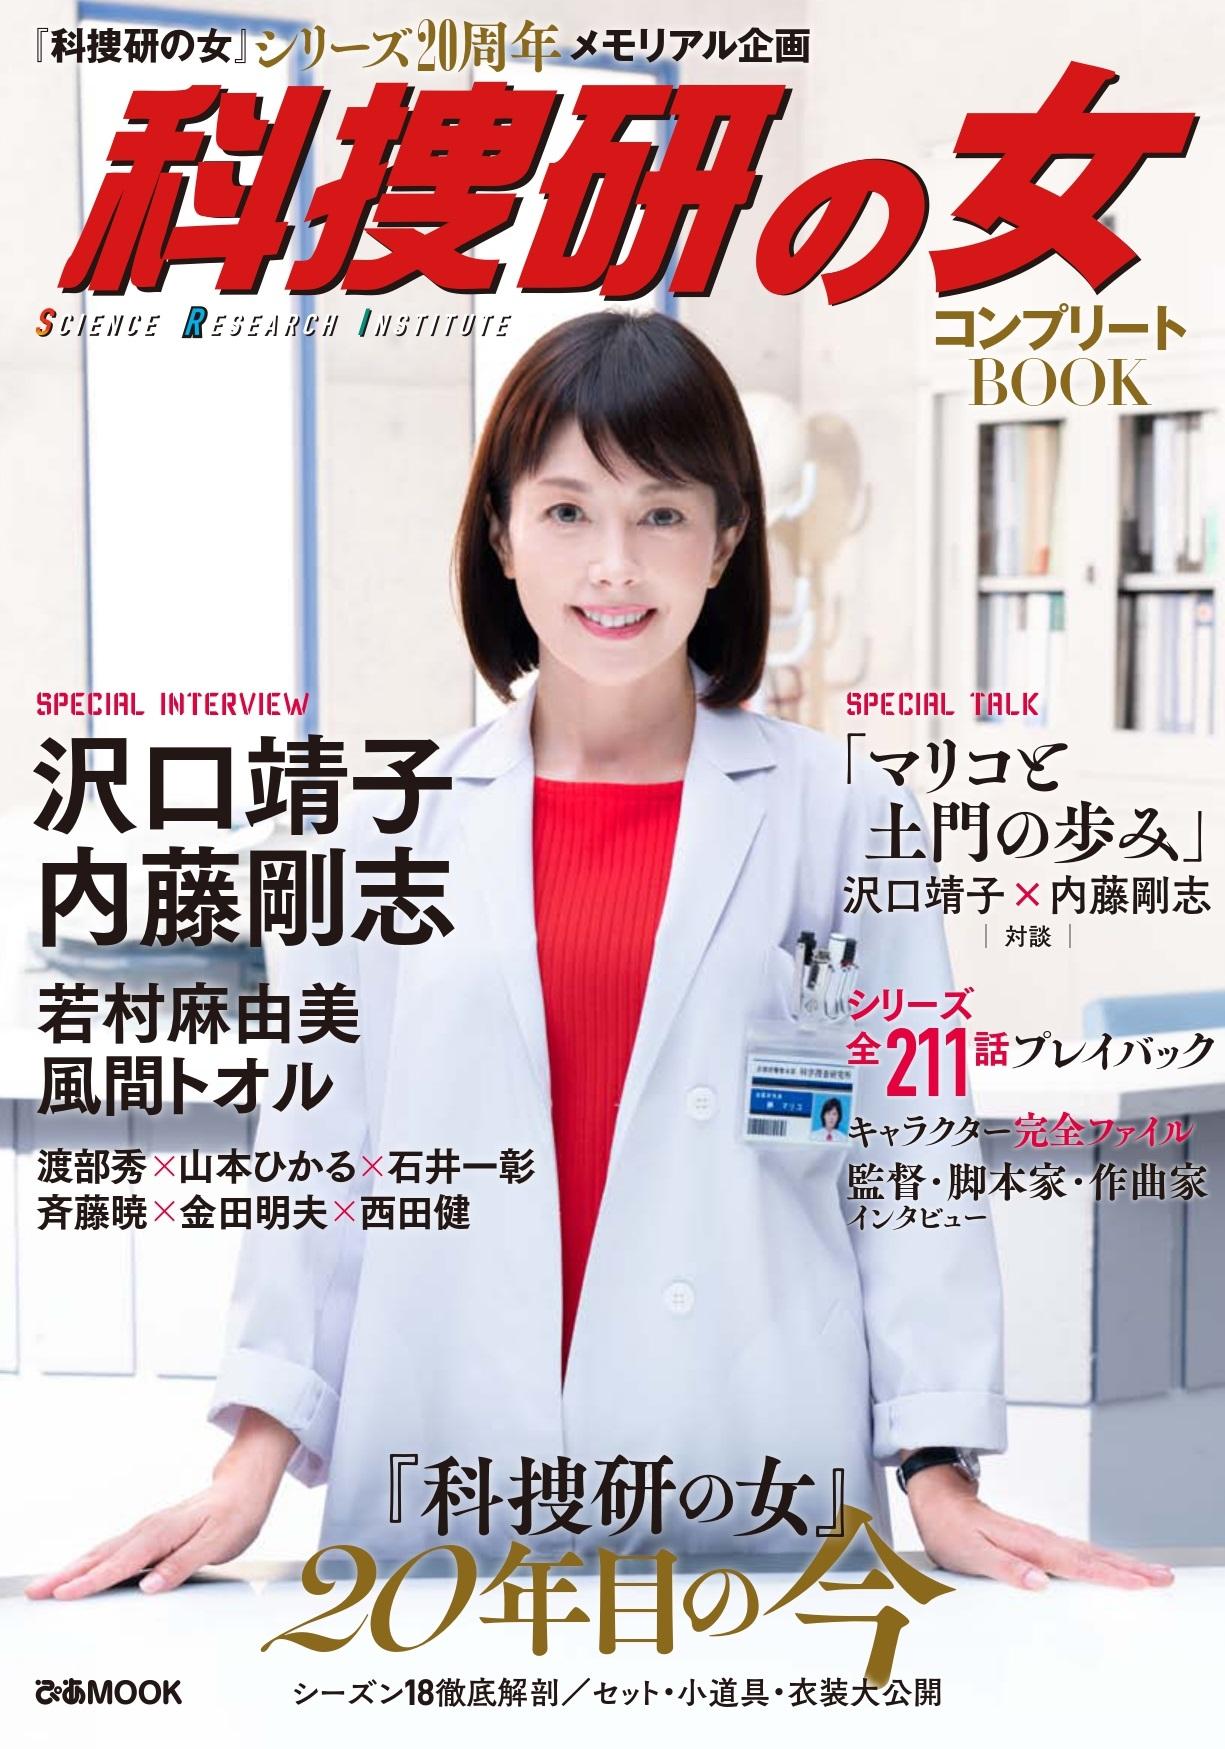 「科捜研の女」 コンプリートBOOK